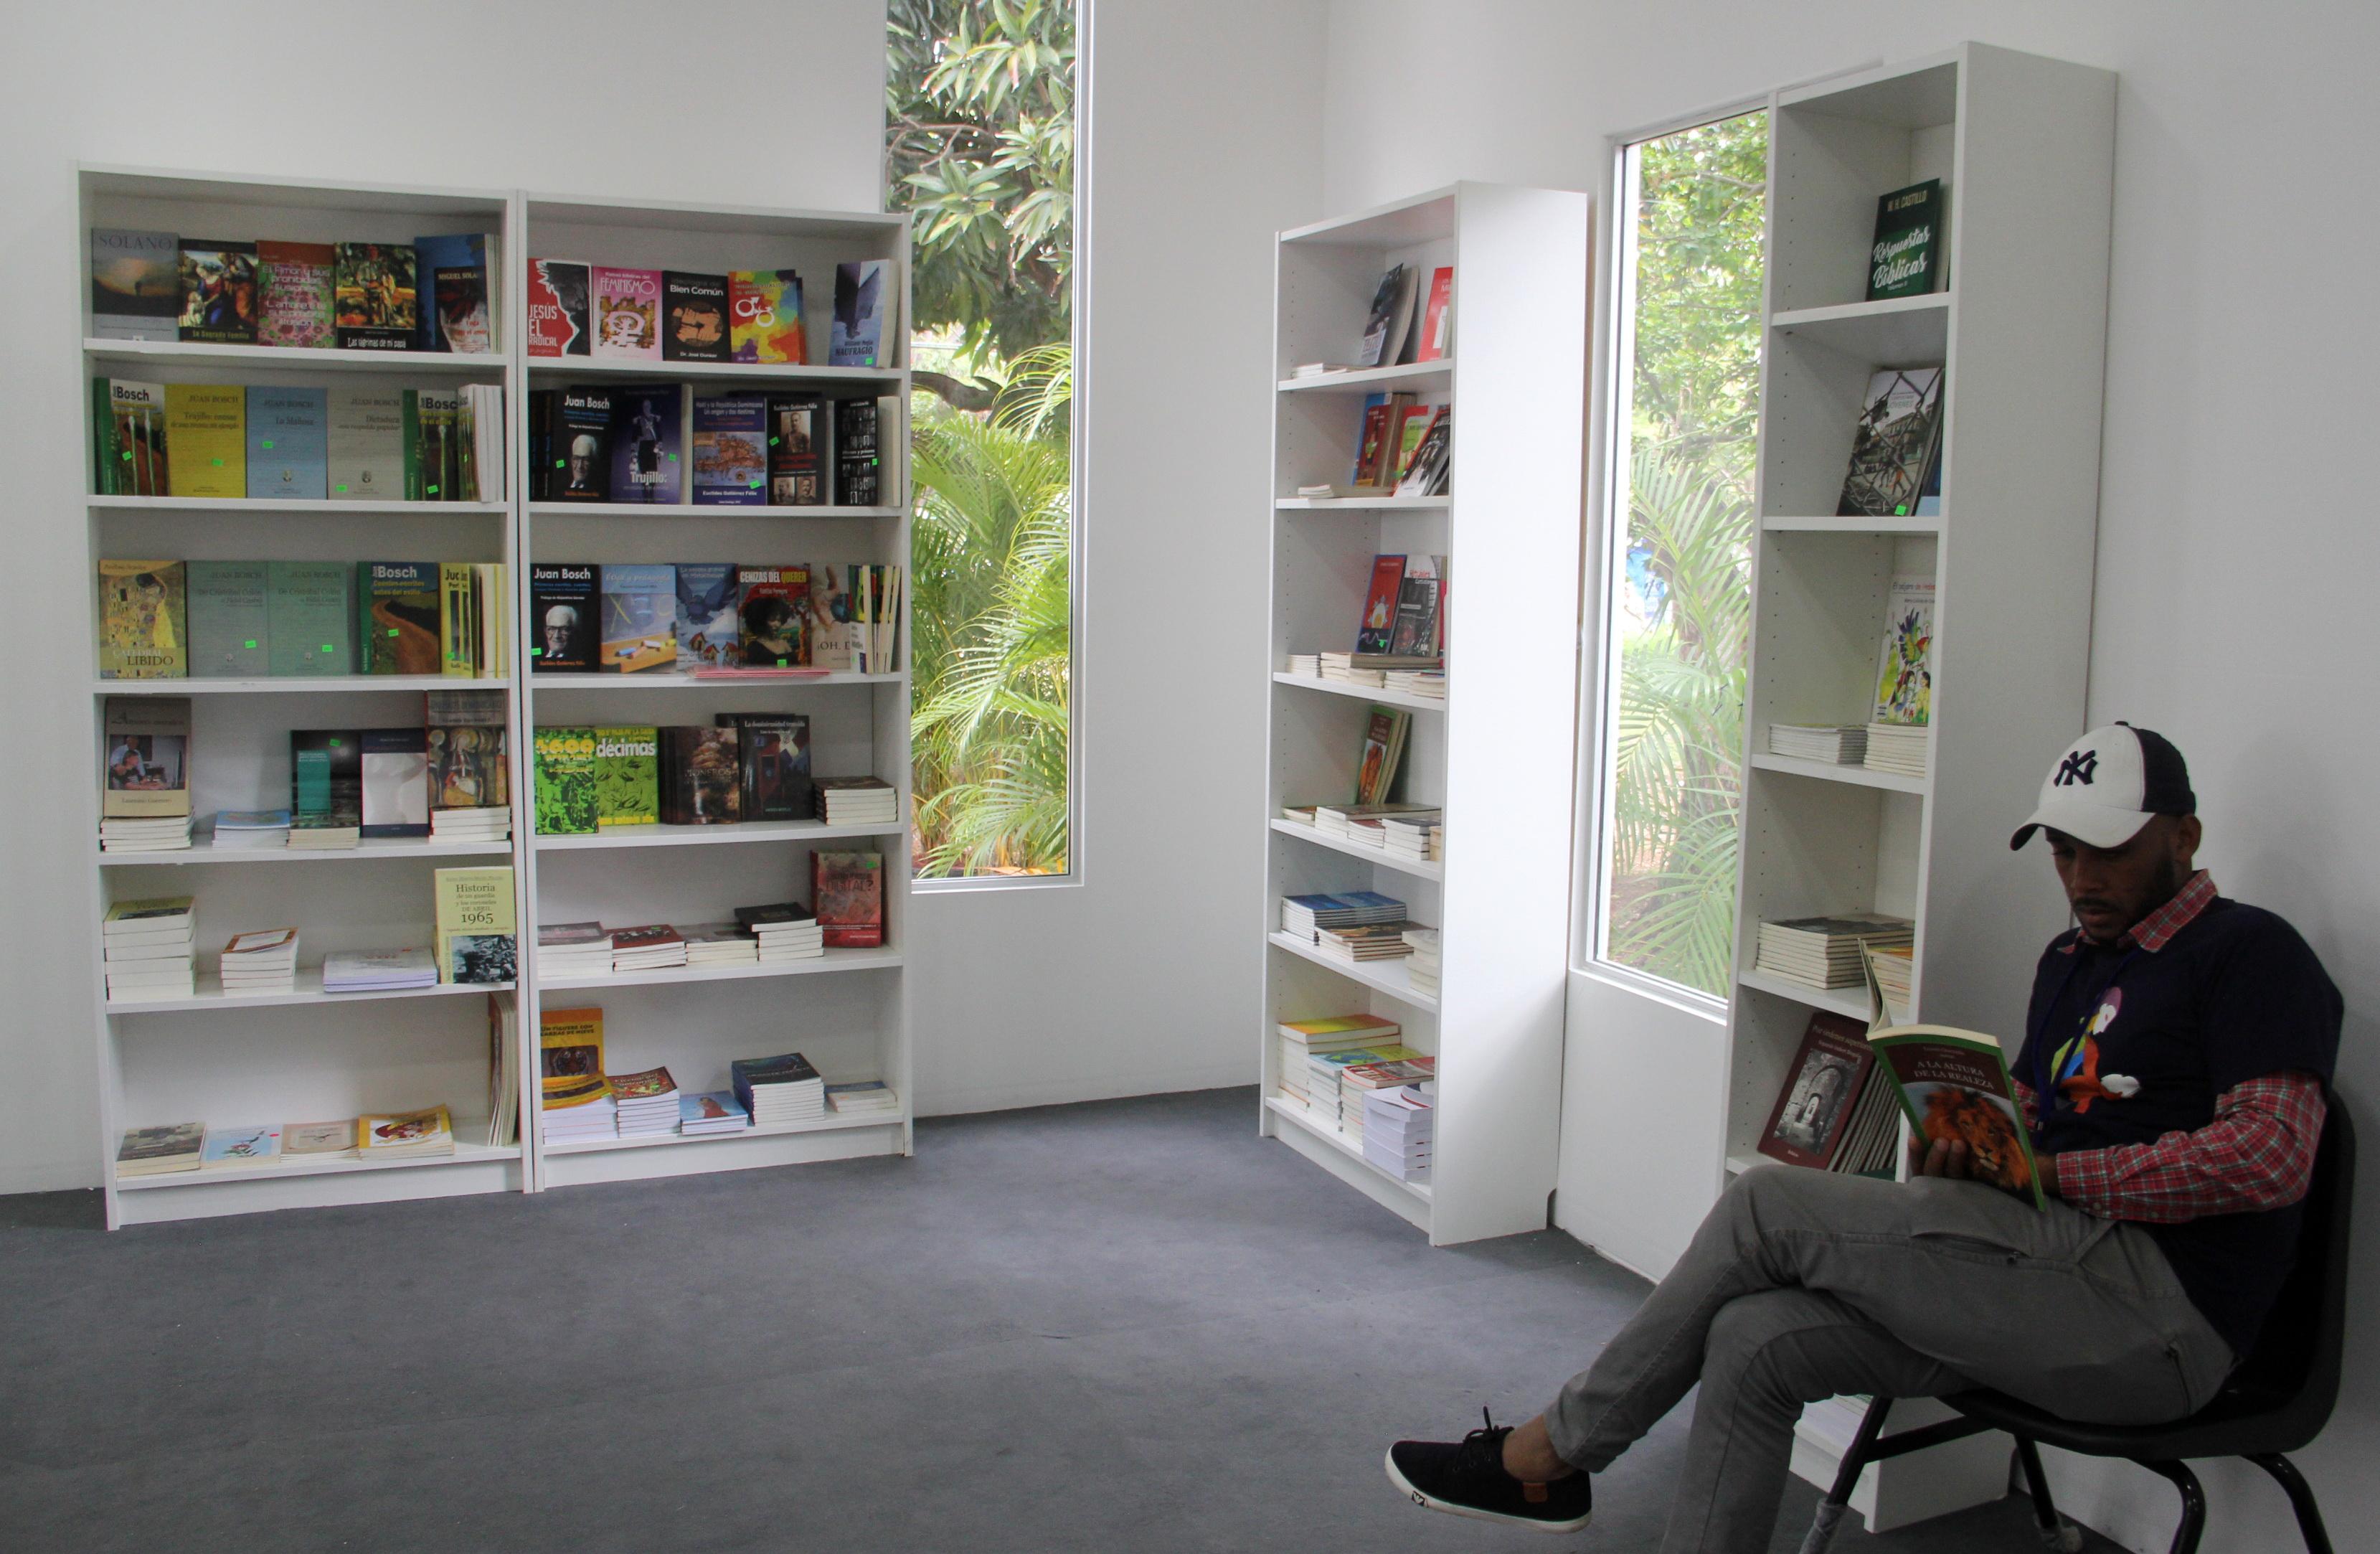 Pabellón de Autores Dominicanos, un espacio que promueve la literatura criolla